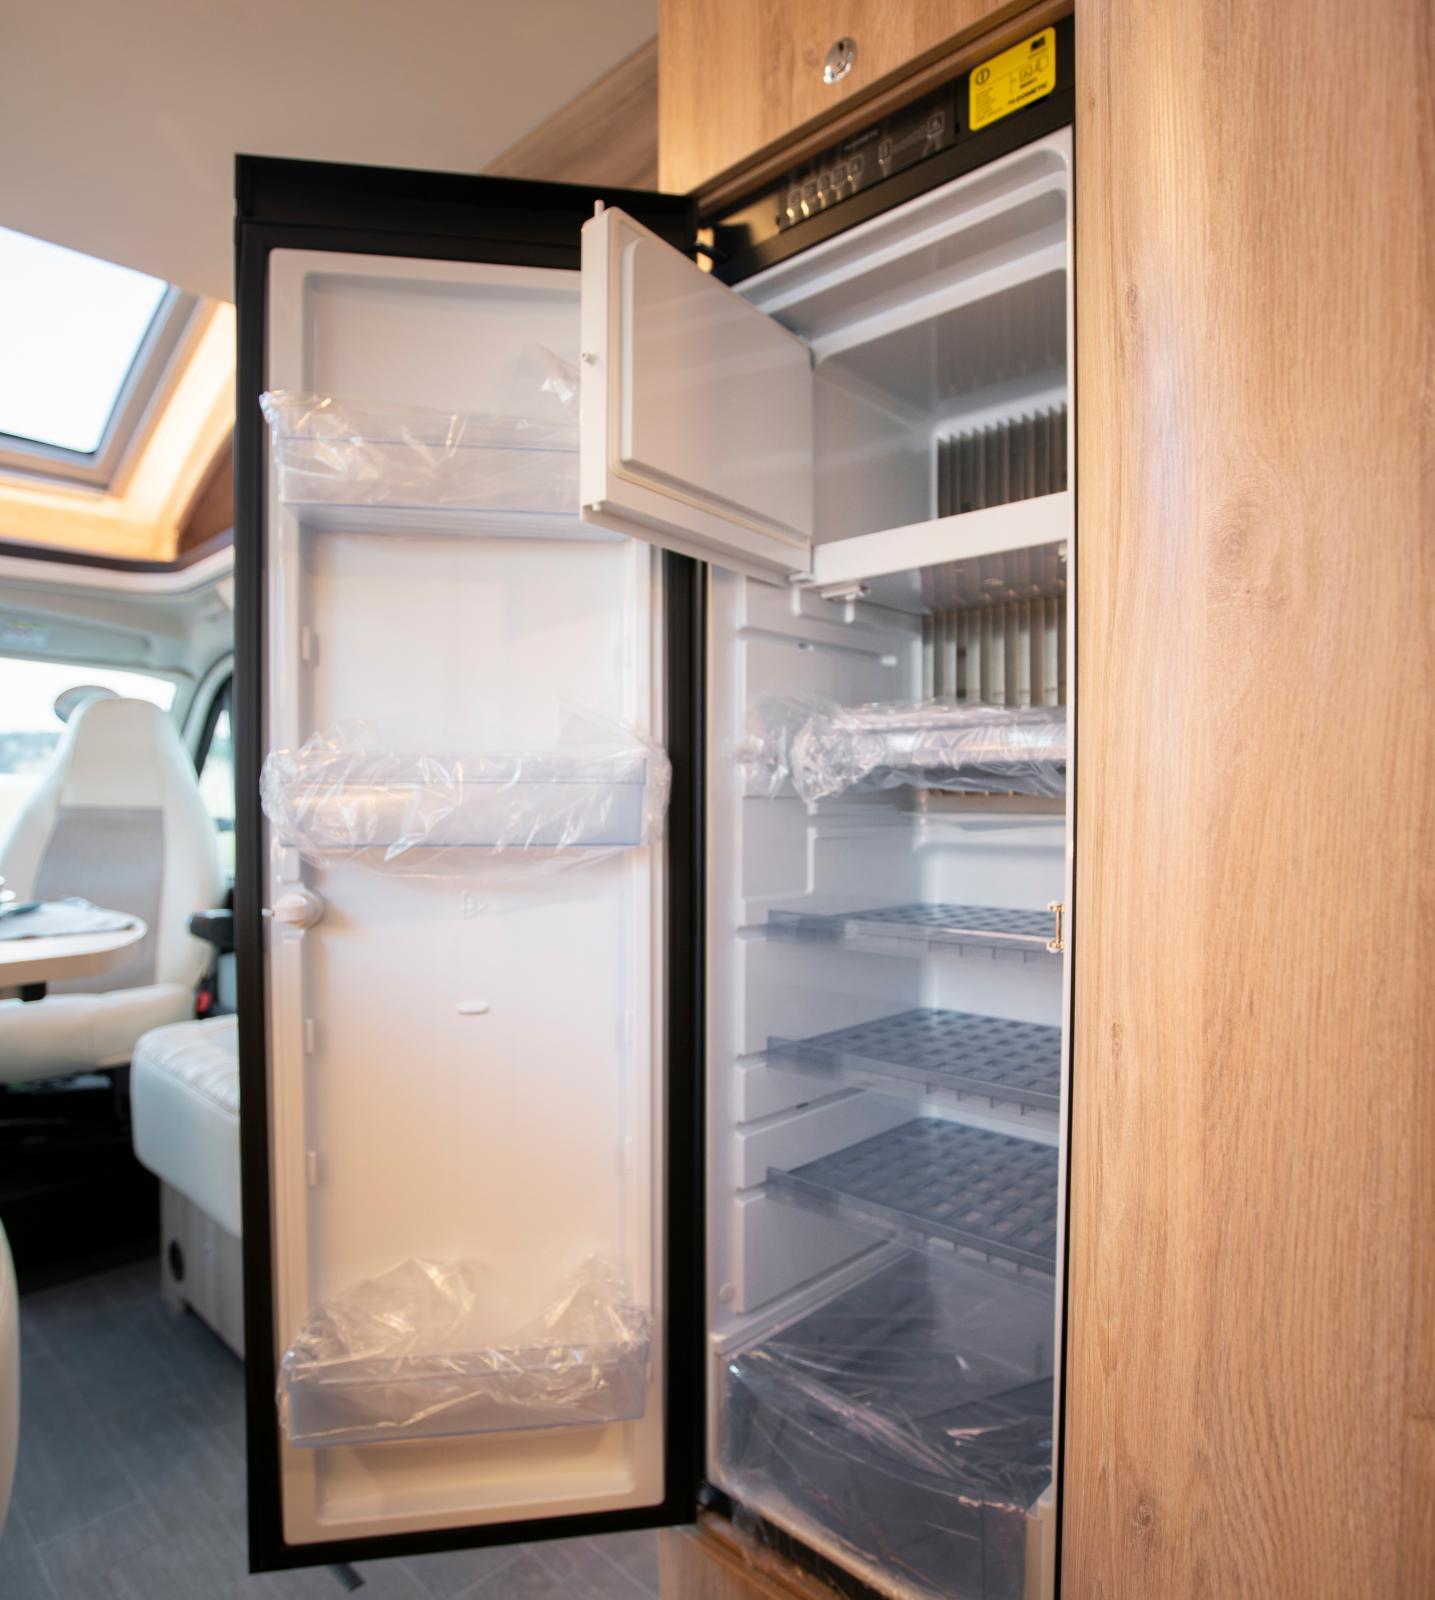 Väl tilltaget kylskåp som även har frysfack.